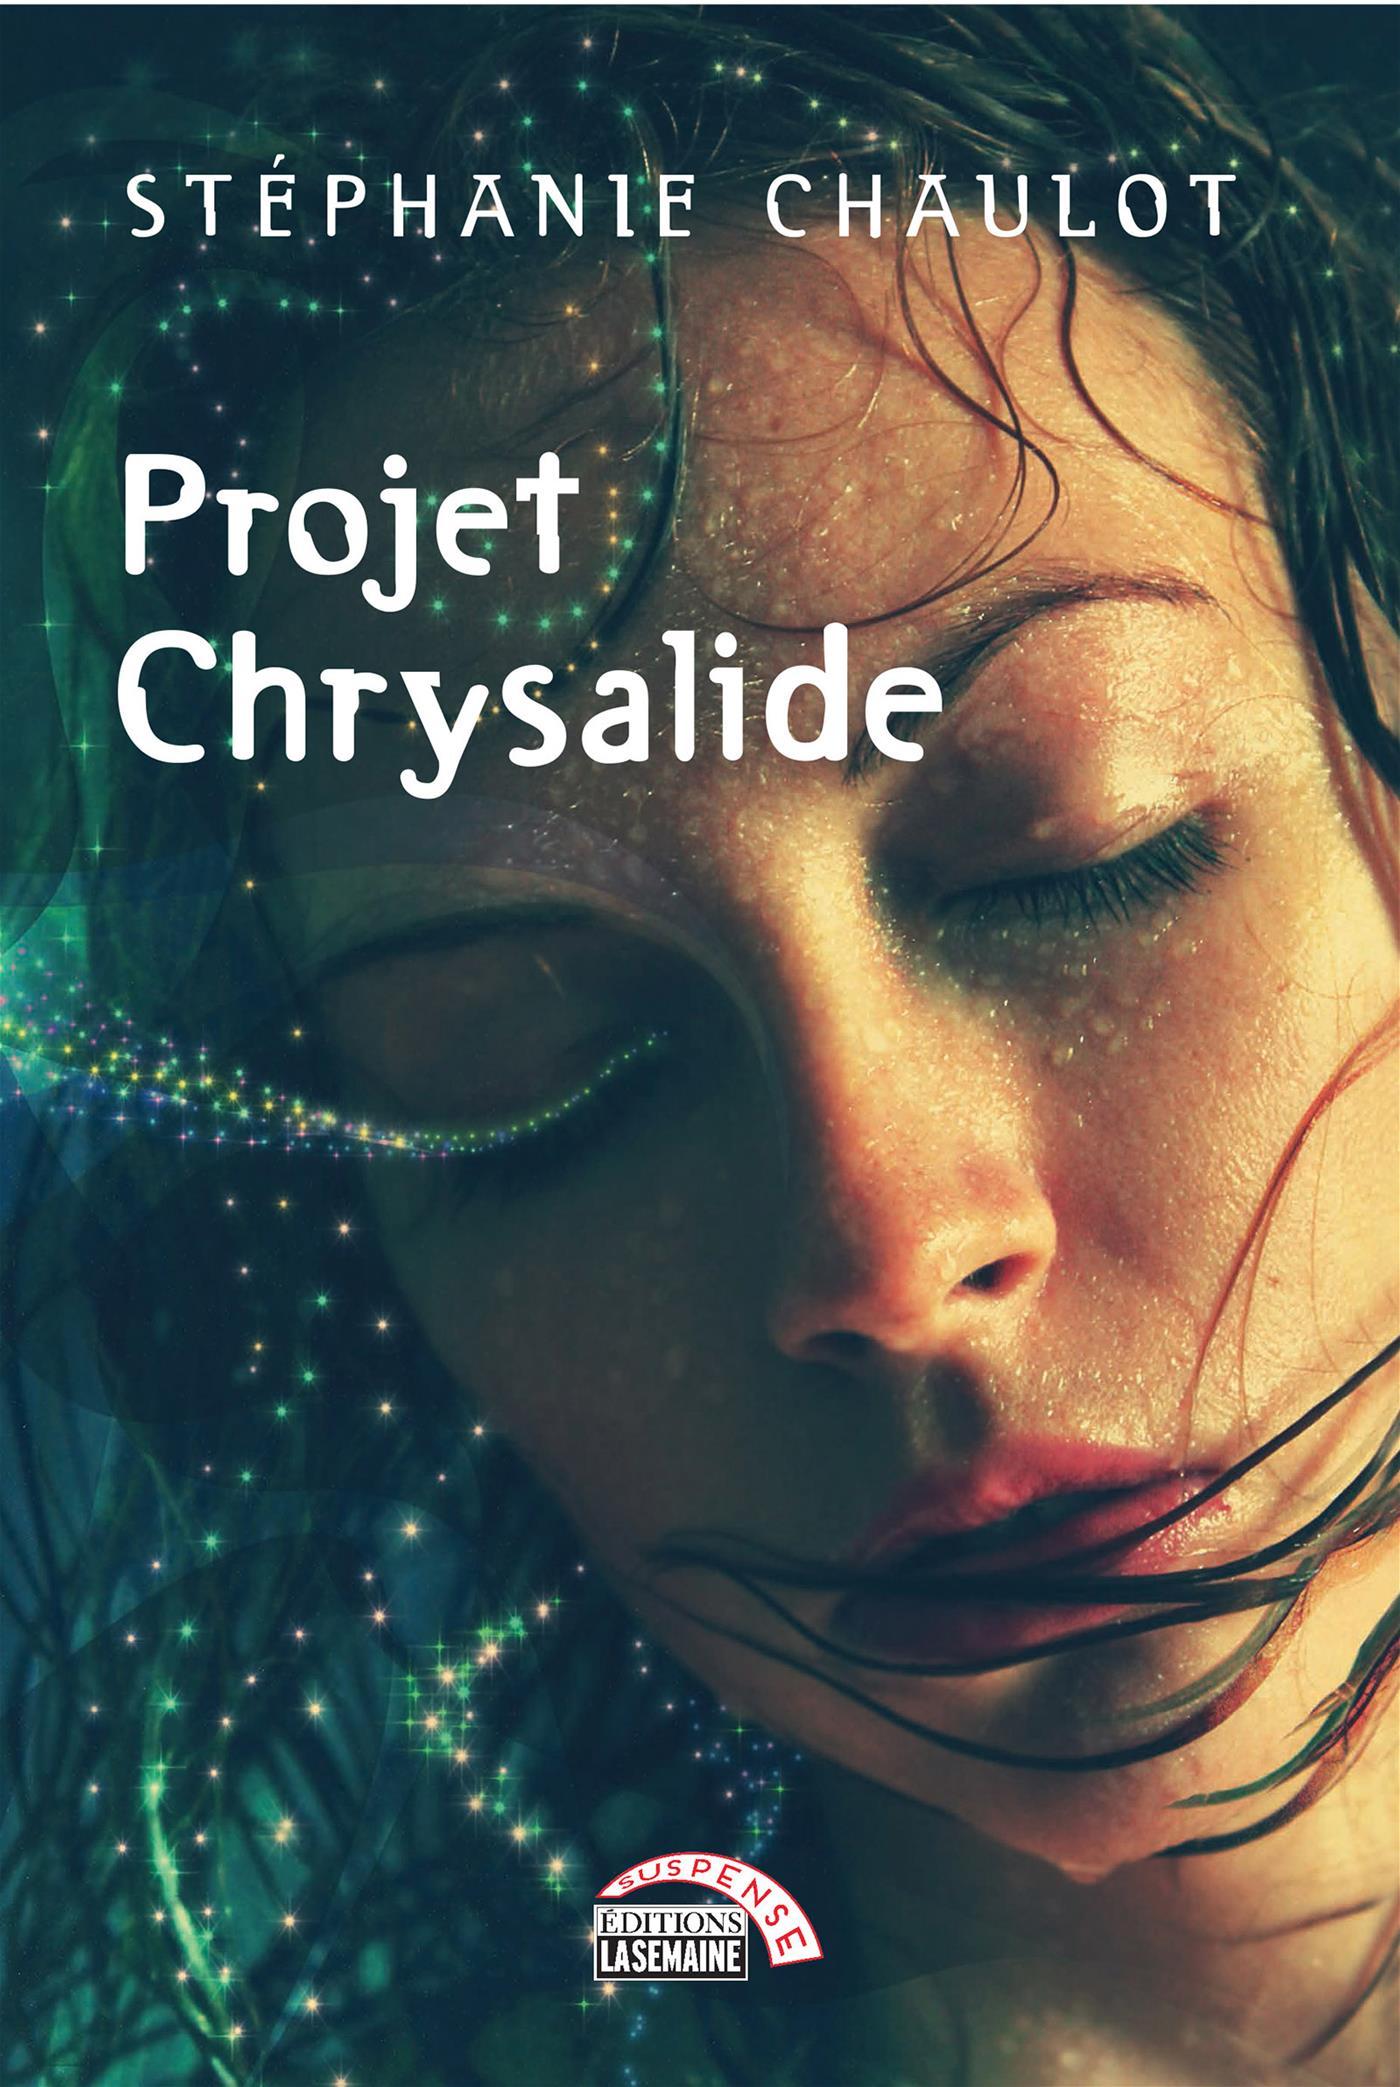 Projet Chrysalide